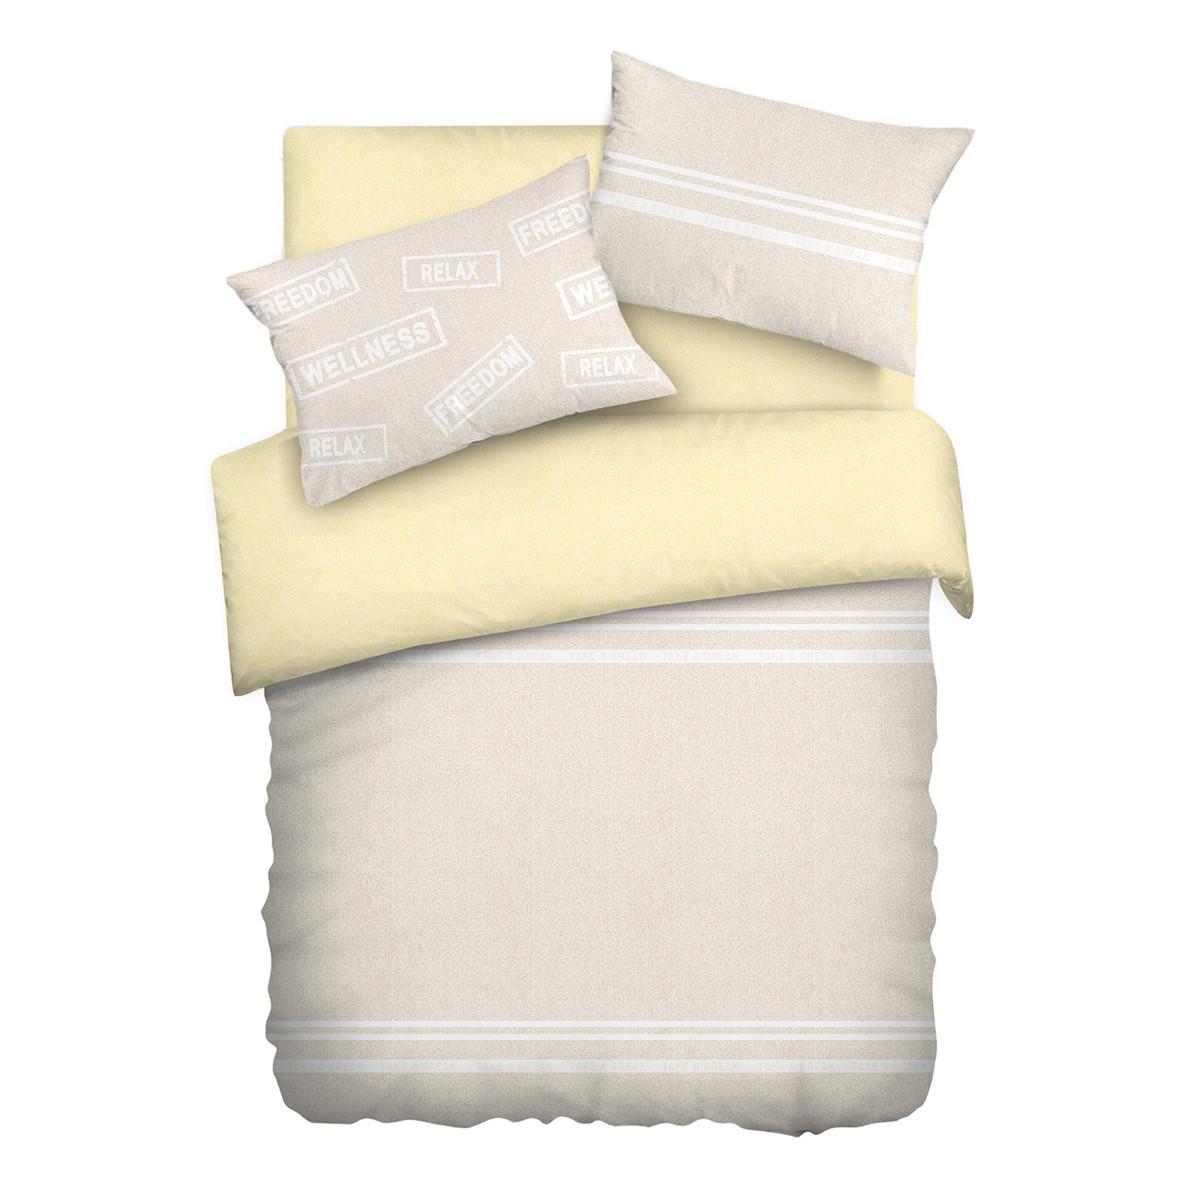 Wenge Комплект постельного белья Sandy-vanilla,  WENGE, 2 спальный евро